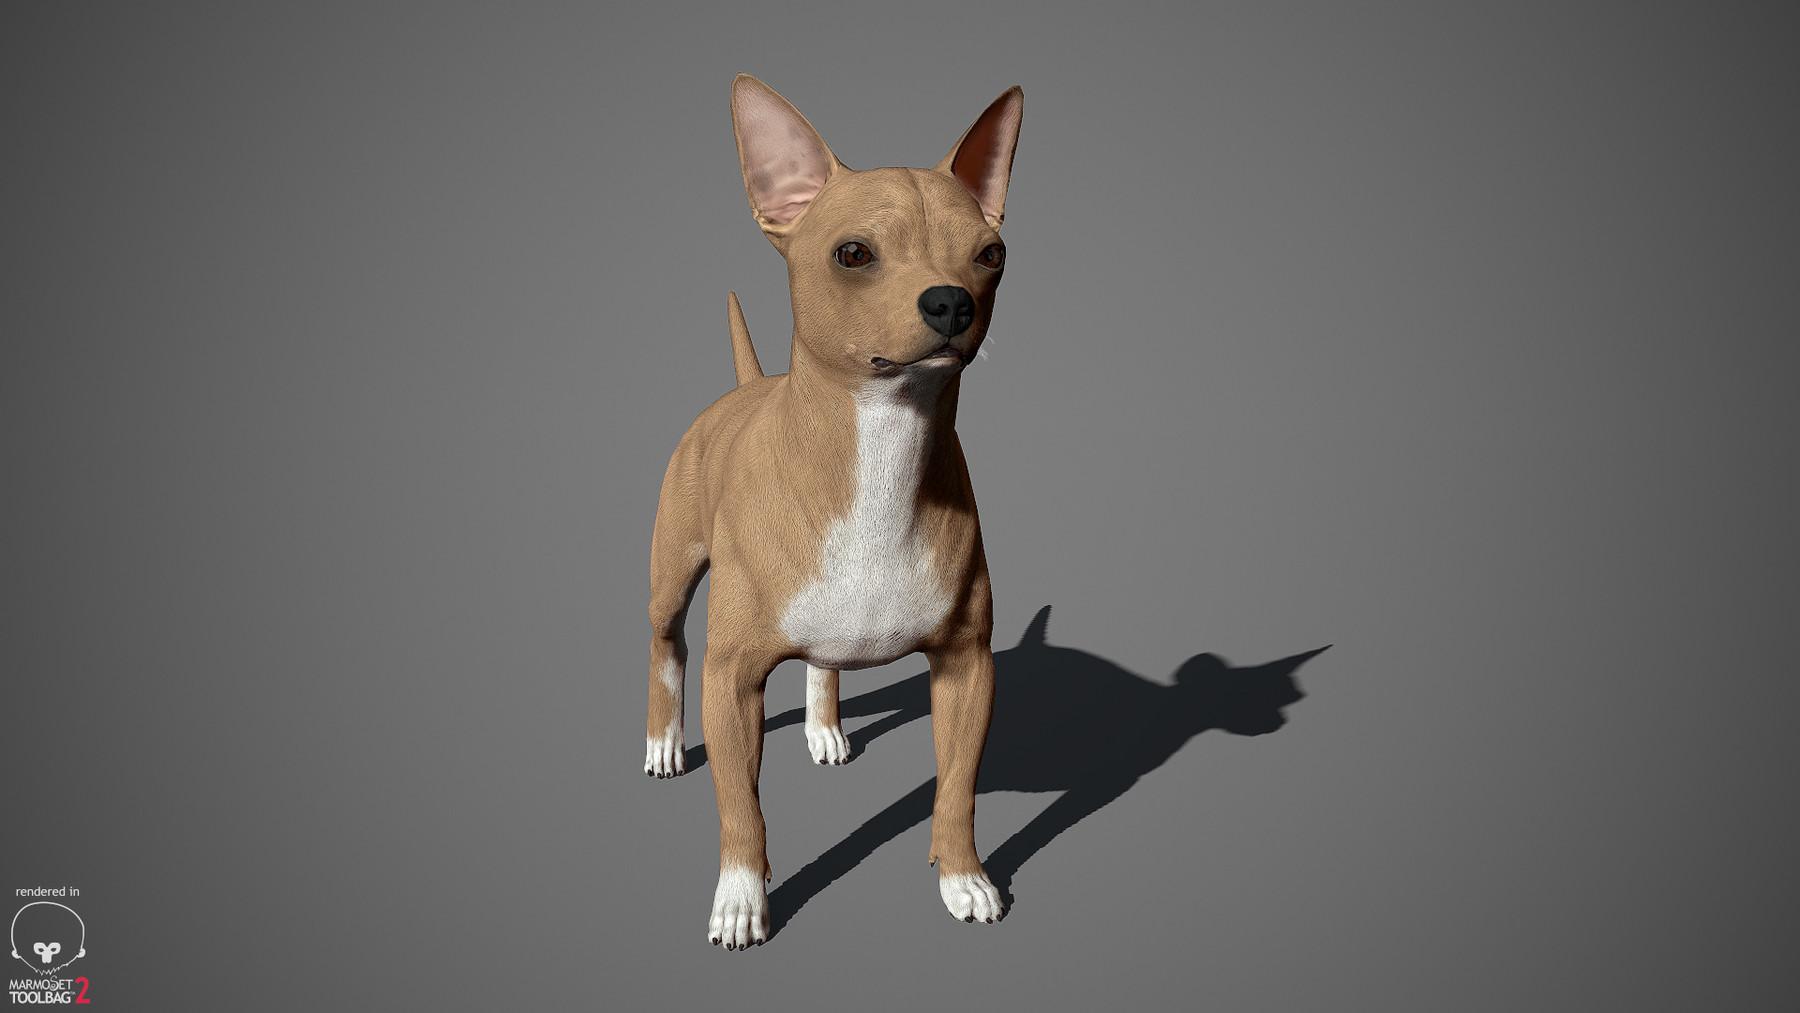 Chihuahua by alexlashko marmoset 05